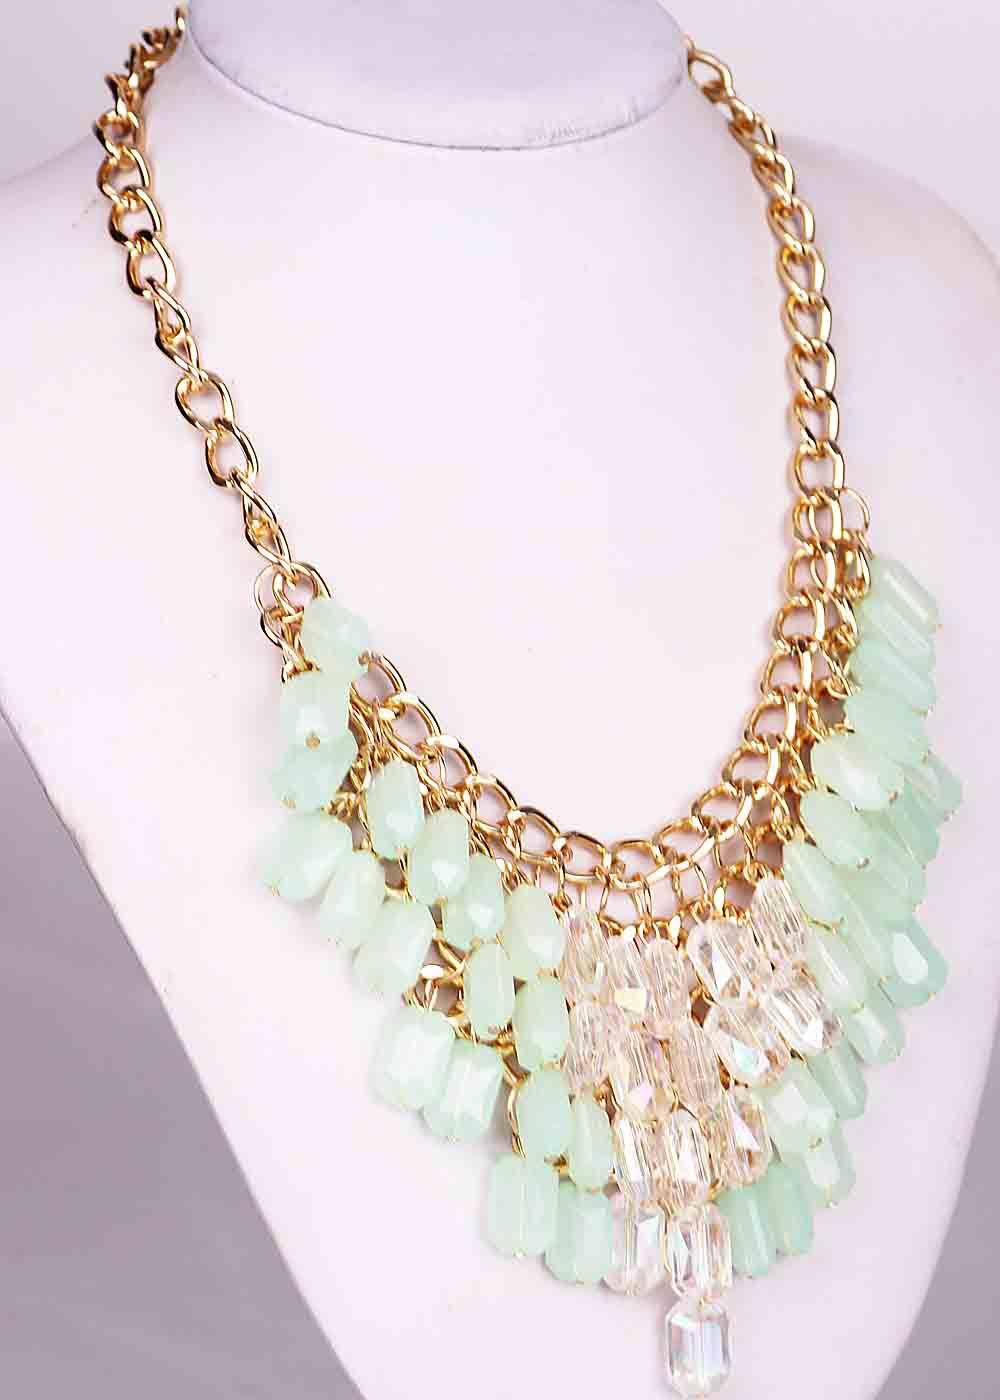 Fashion Handmade Woman Resin Pendants Bohemia Style Bib Statement Women Choker Brand Necklaces - YaYi Jewelry store